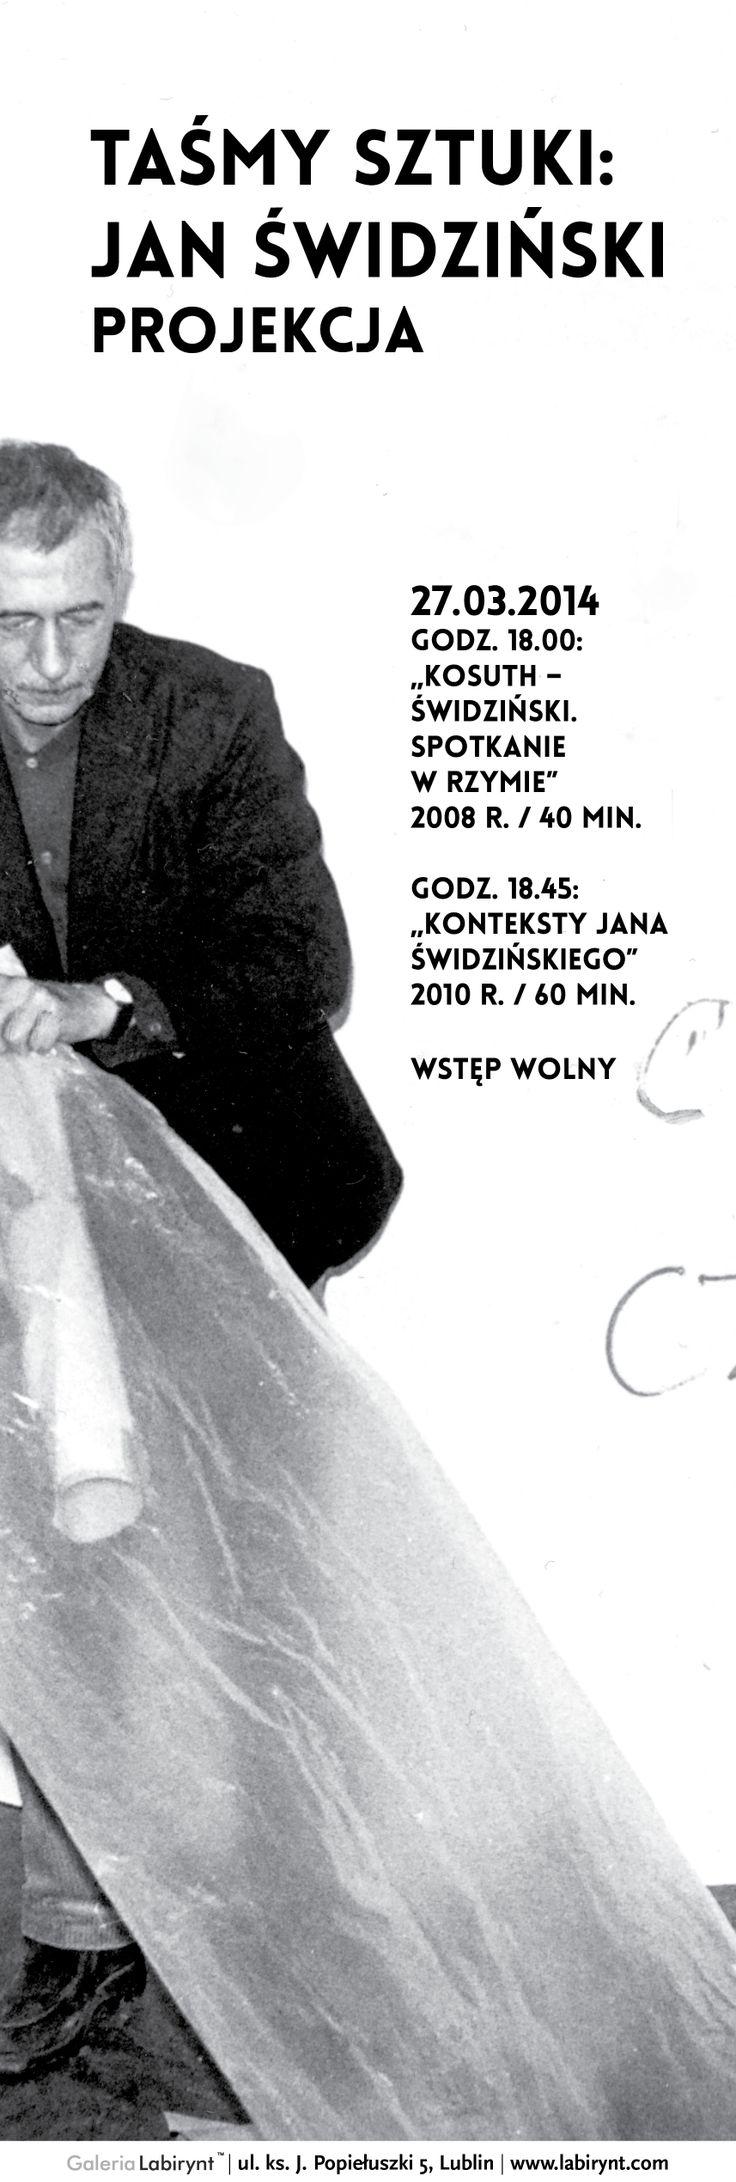 """Projekcja: """"Taśmy sztuki"""" Jan Świdziński"""